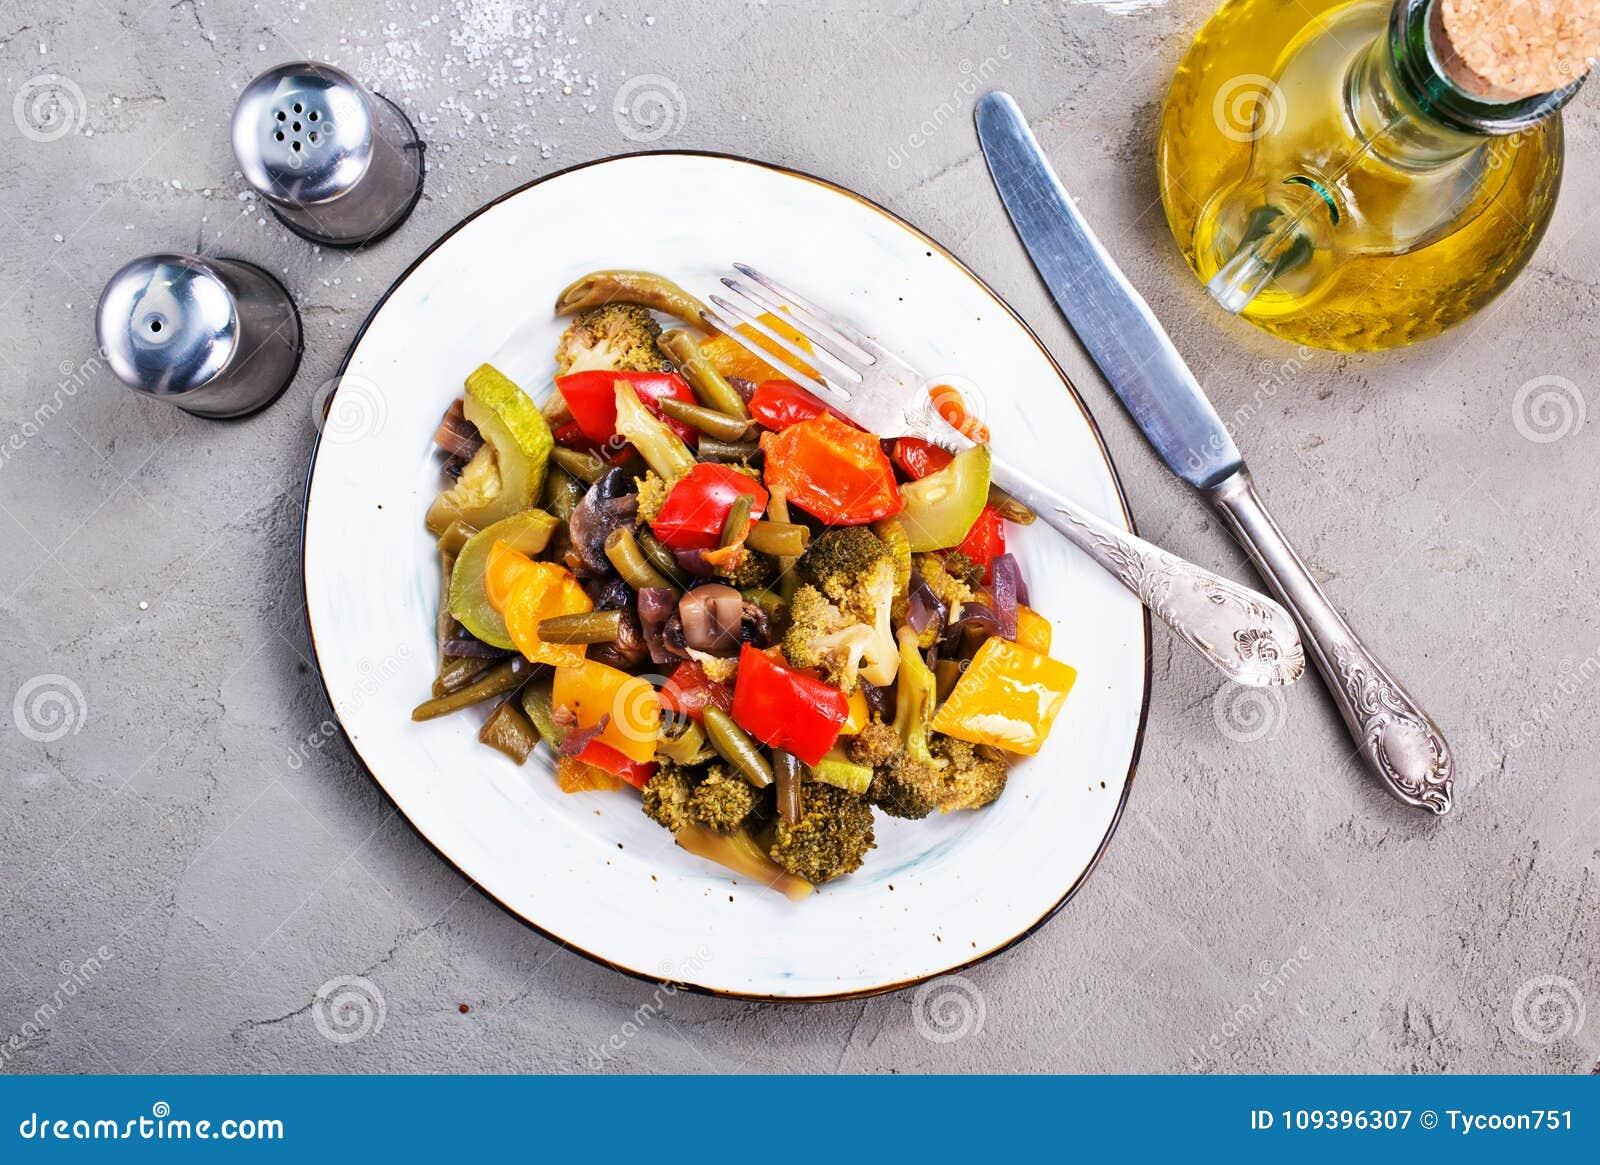 зажаренные овощи